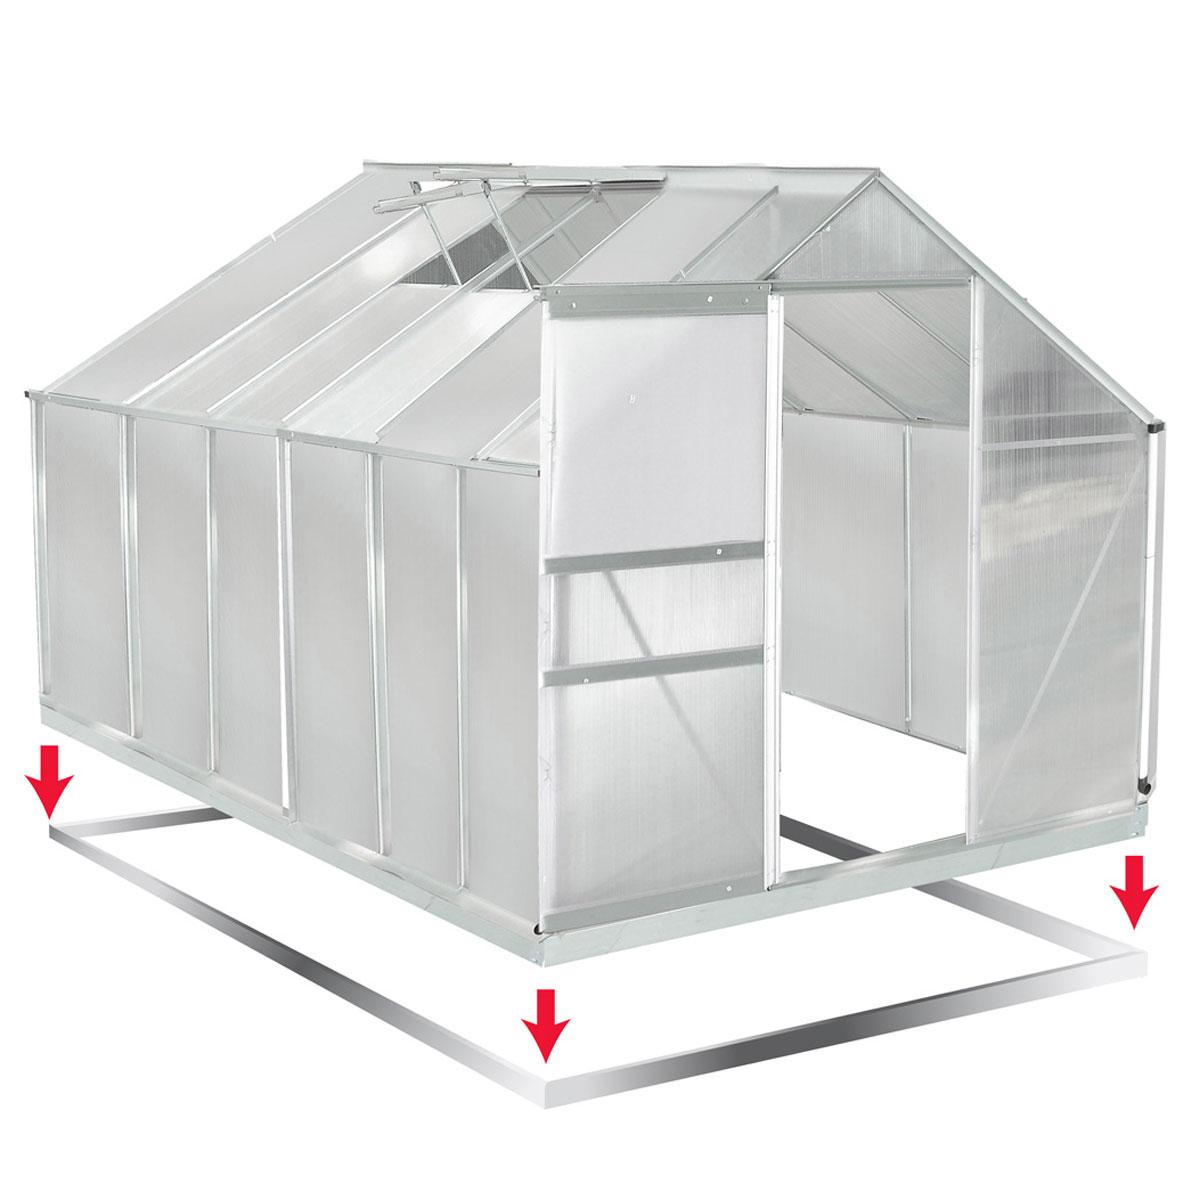 aluminium gew chshaus mit stahlfundament 11 7m treibhaus glashaus 6mm platten 4260491659422 ebay. Black Bedroom Furniture Sets. Home Design Ideas